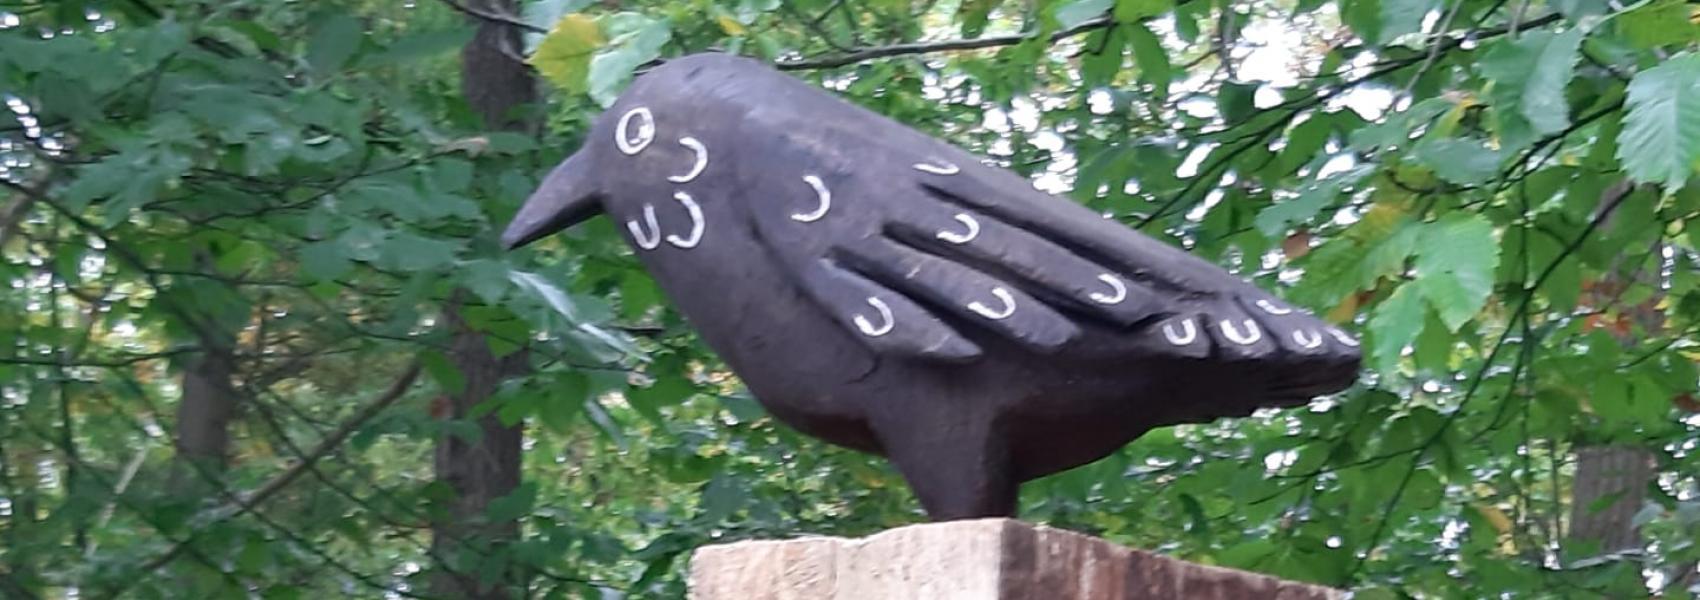 Grave Ravenwandeling